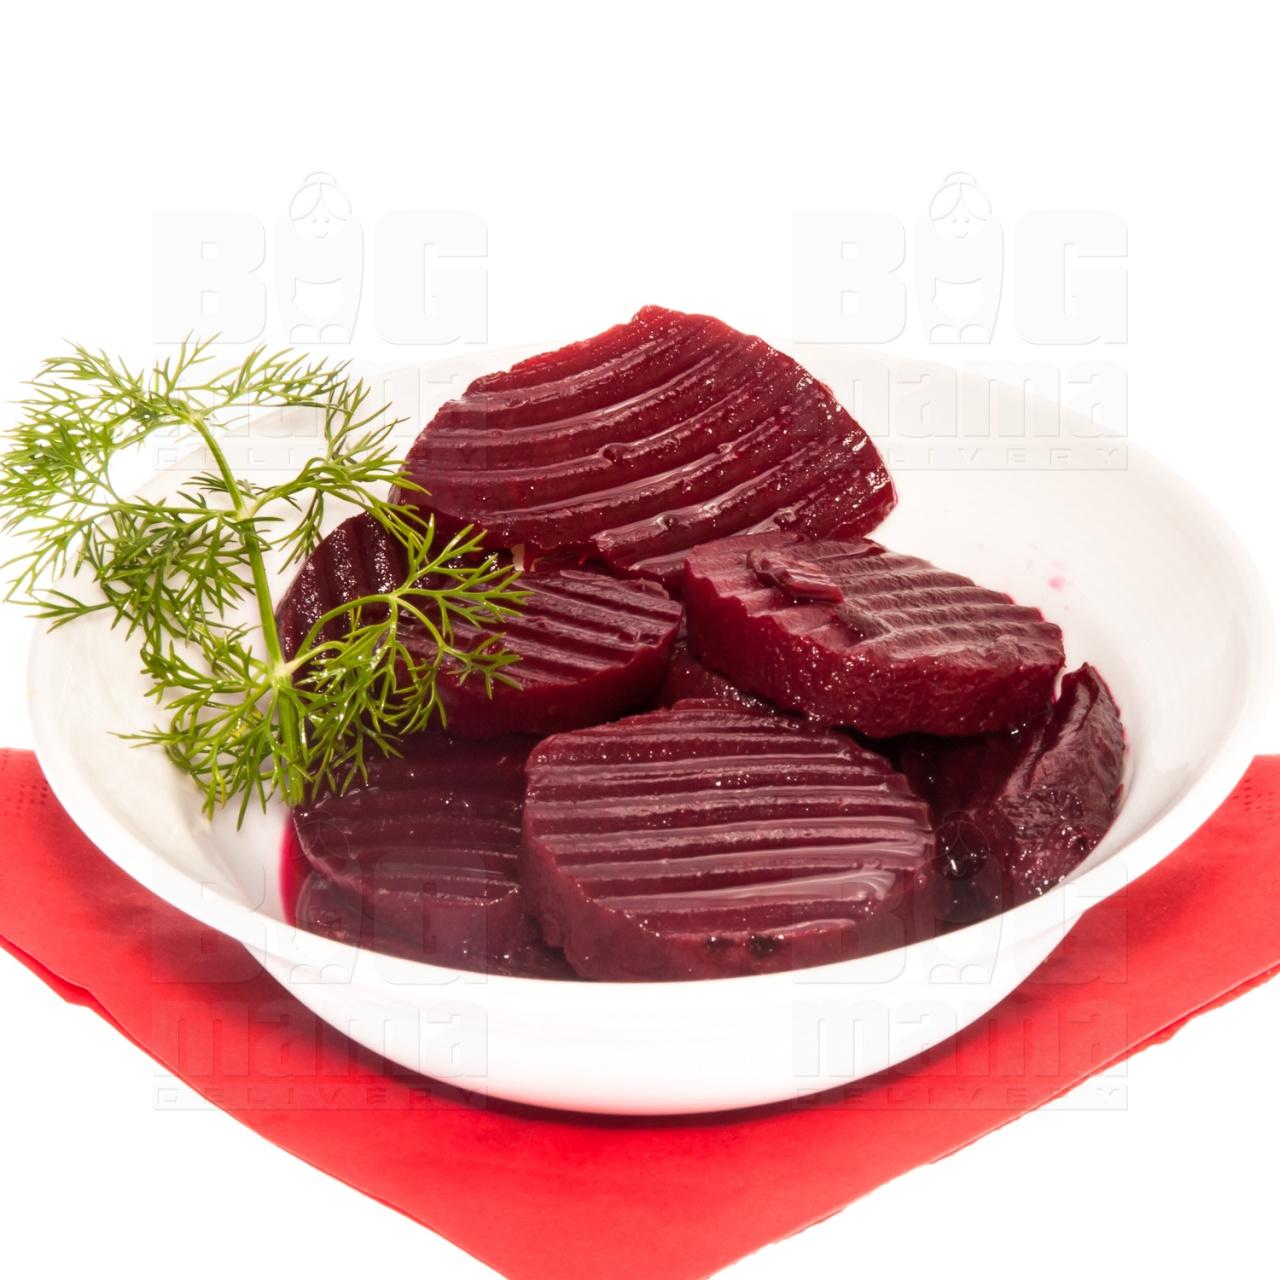 Product #150 image - Salată de sfeclă roșie